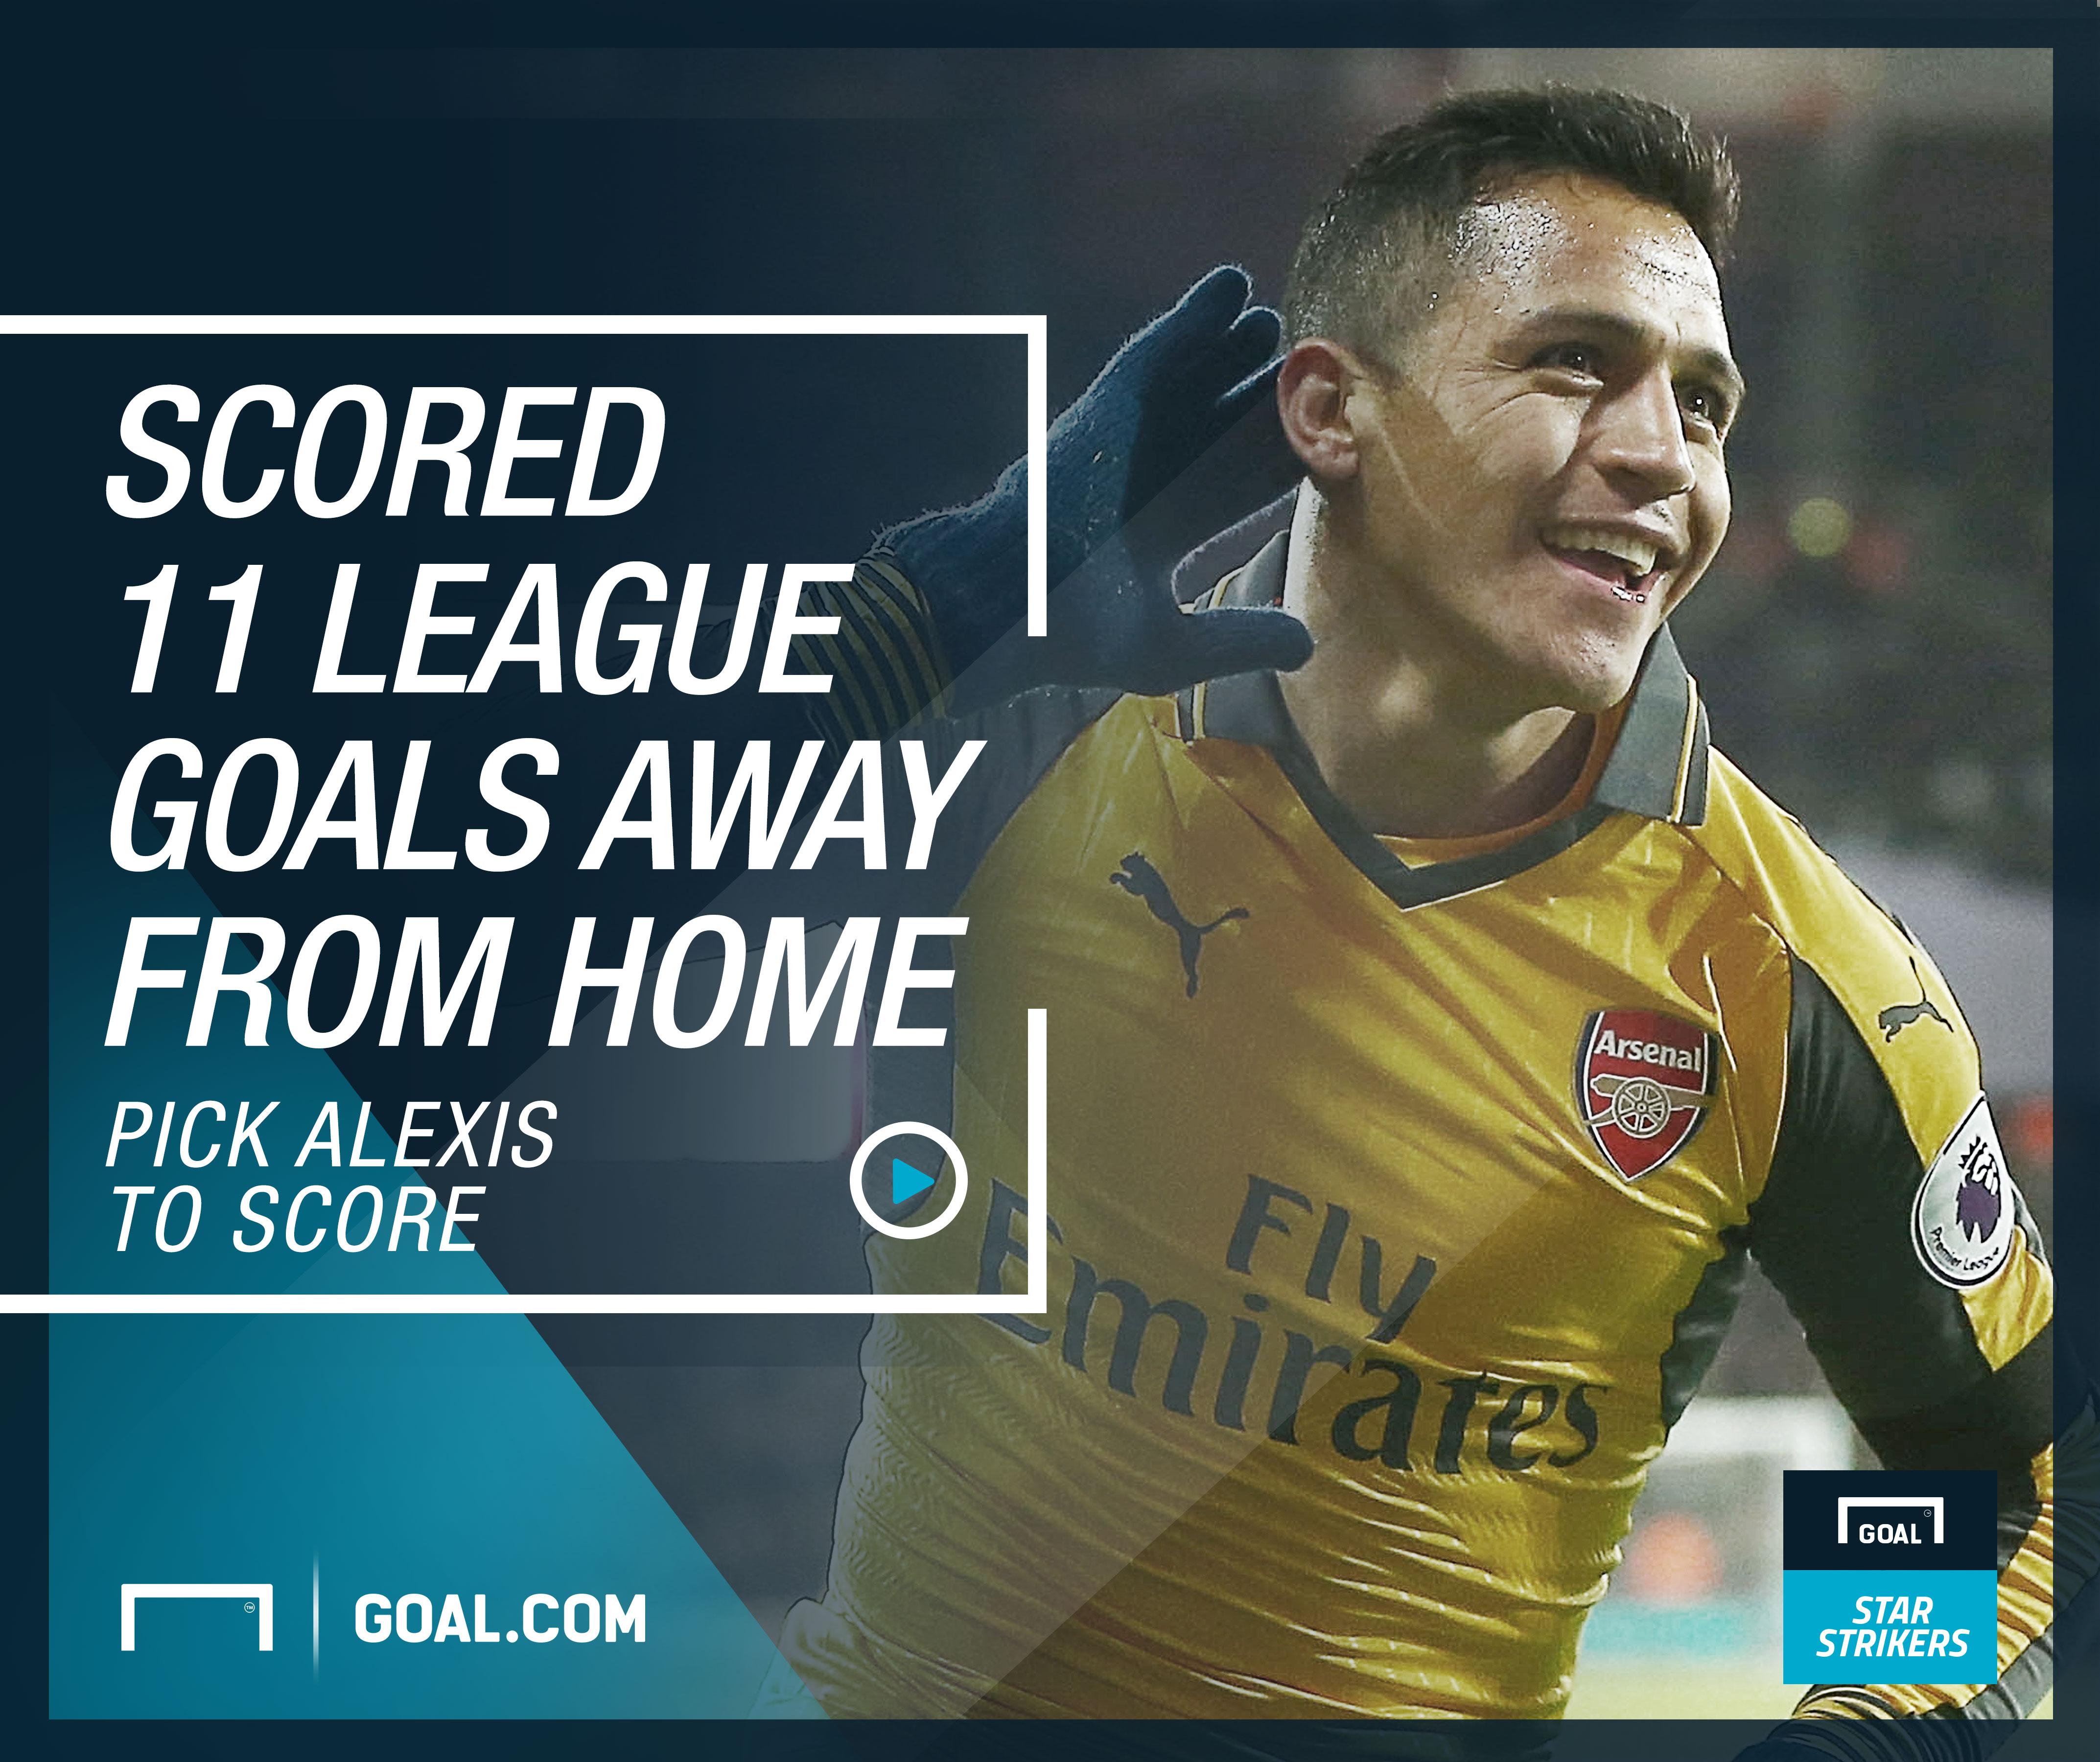 Goal Star Strikers - Alexis Sanchez